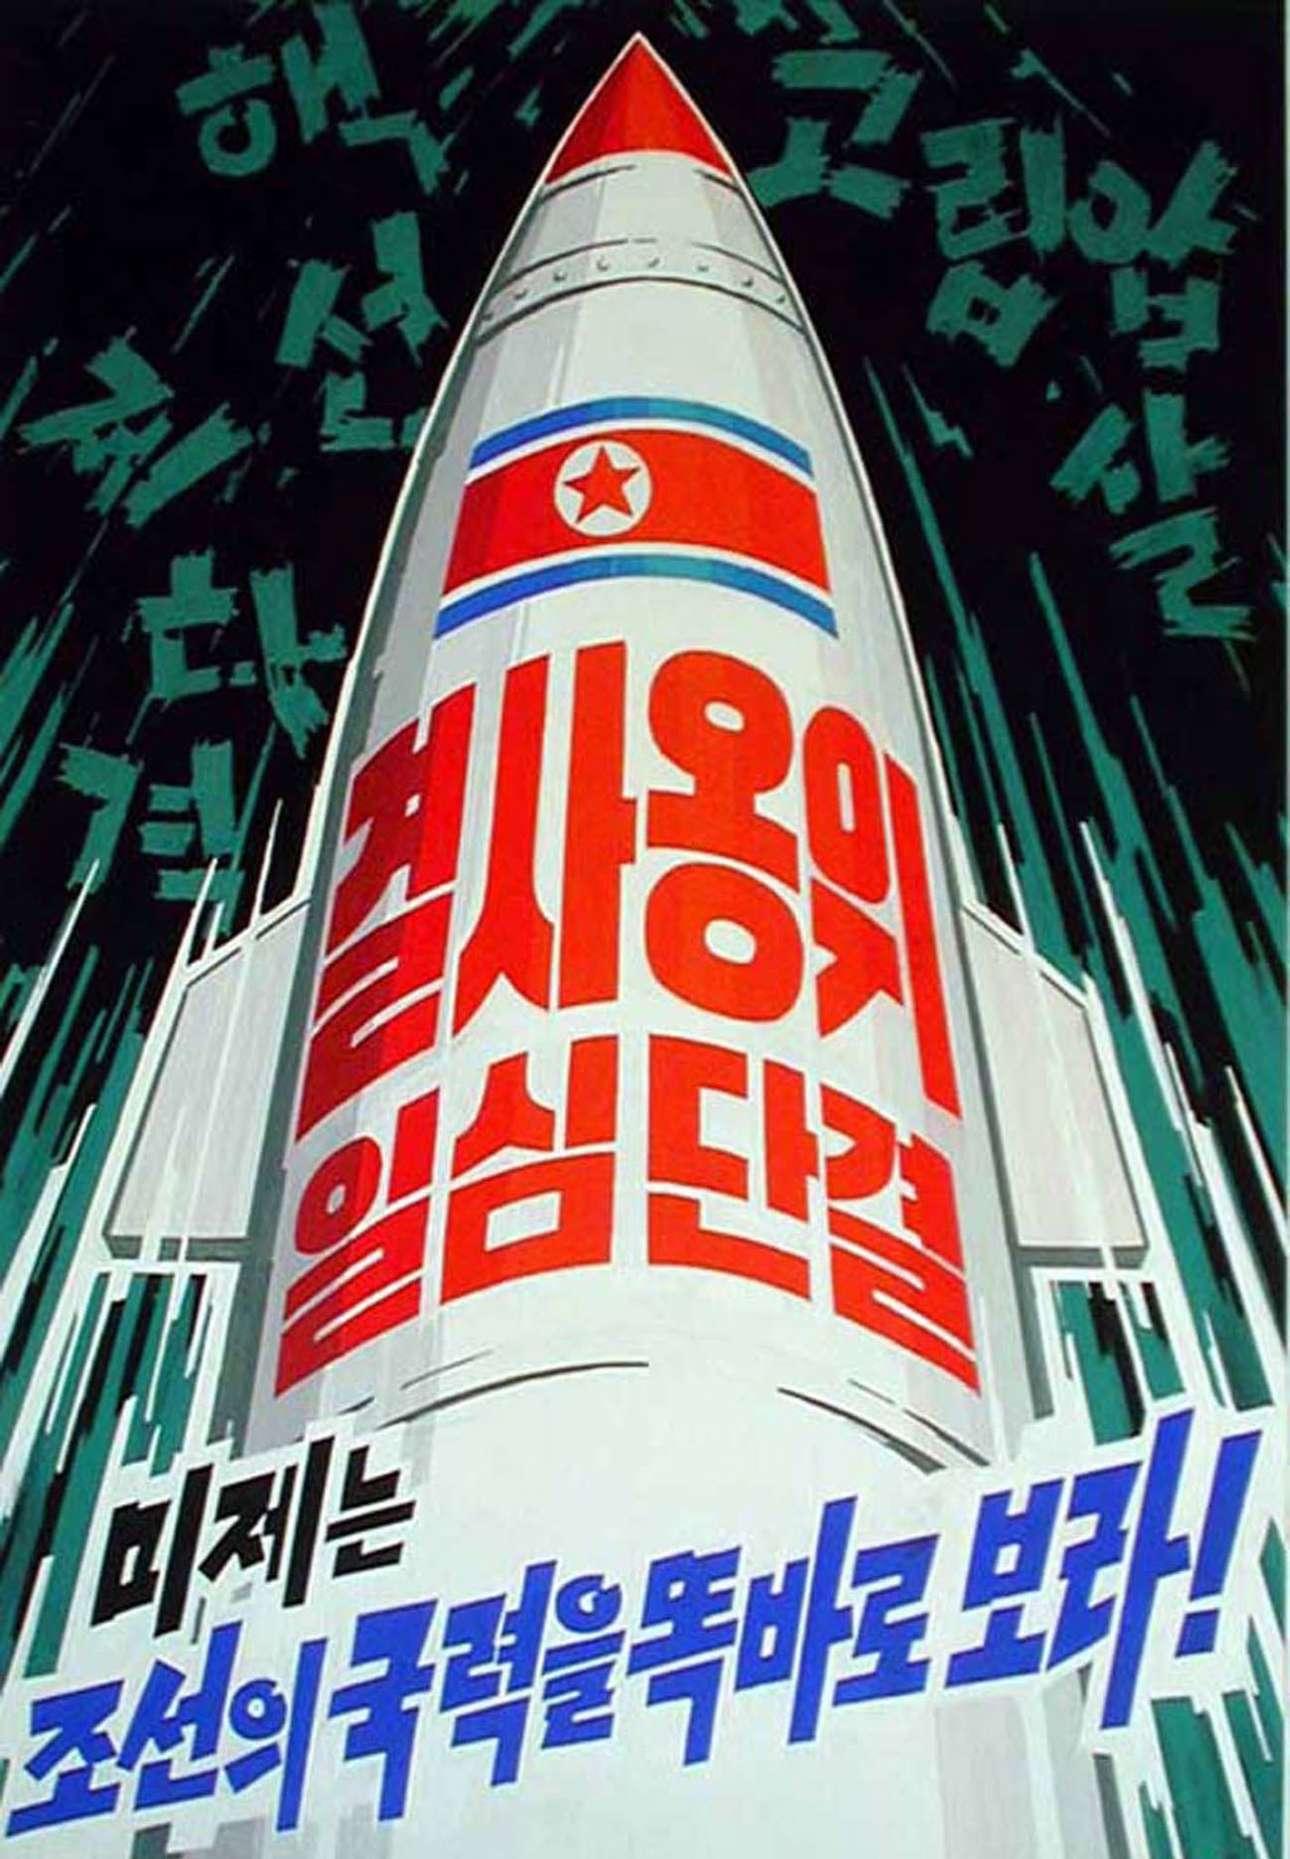 «Οι αμερικανοί ιμπεριαλιστές πρέπει να προσέξουν καλά τη δύναμη της Κορέας» γράφει πάνω με έντονα γράμματα ο πύραυλος